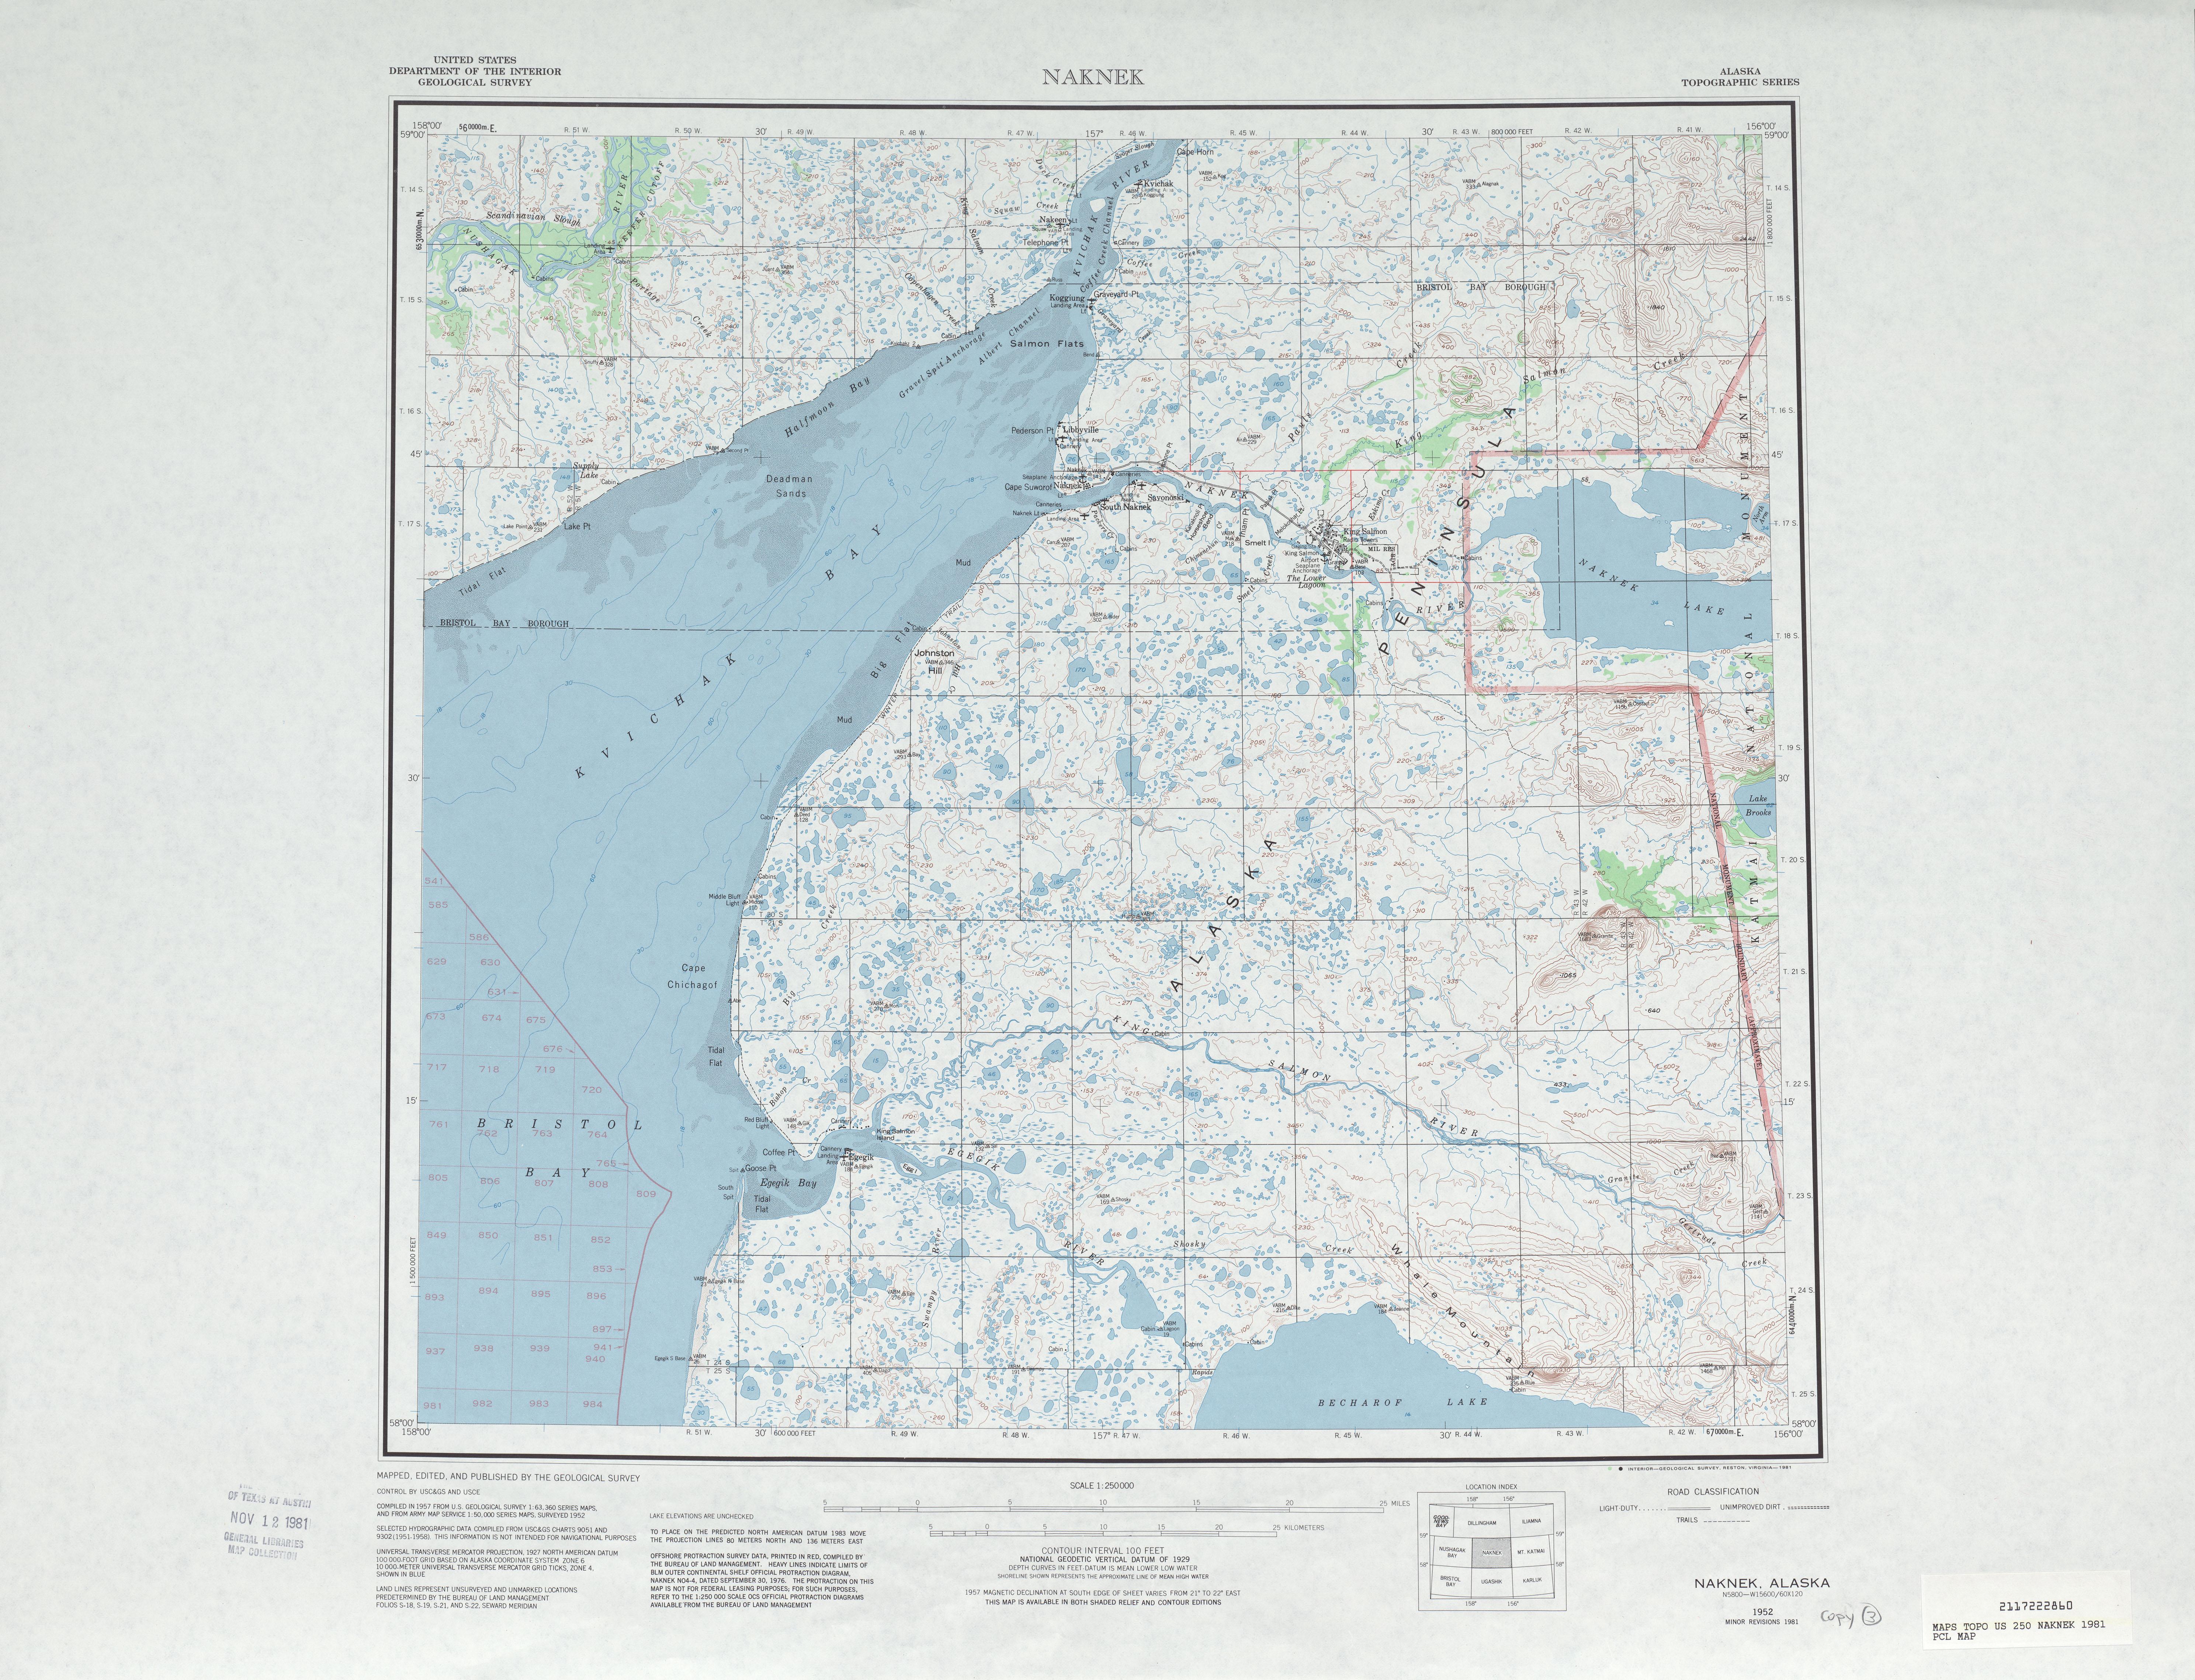 Hoja Naknek del Mapa Topográfico de los Estados Unidos 1981